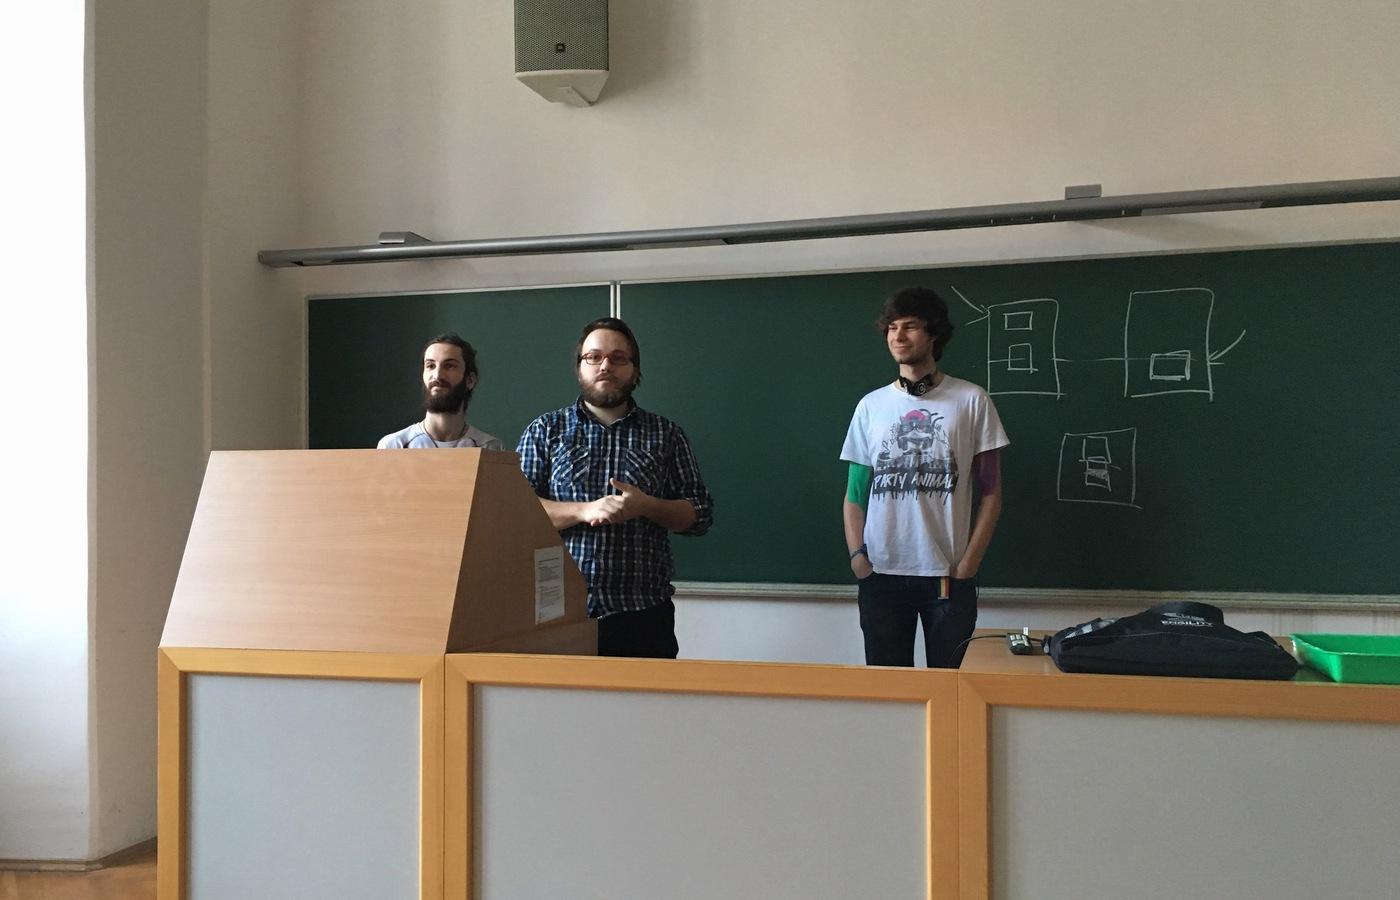 Matěj Krejčiřík, Jordan Pansard a Jakub Vozáb